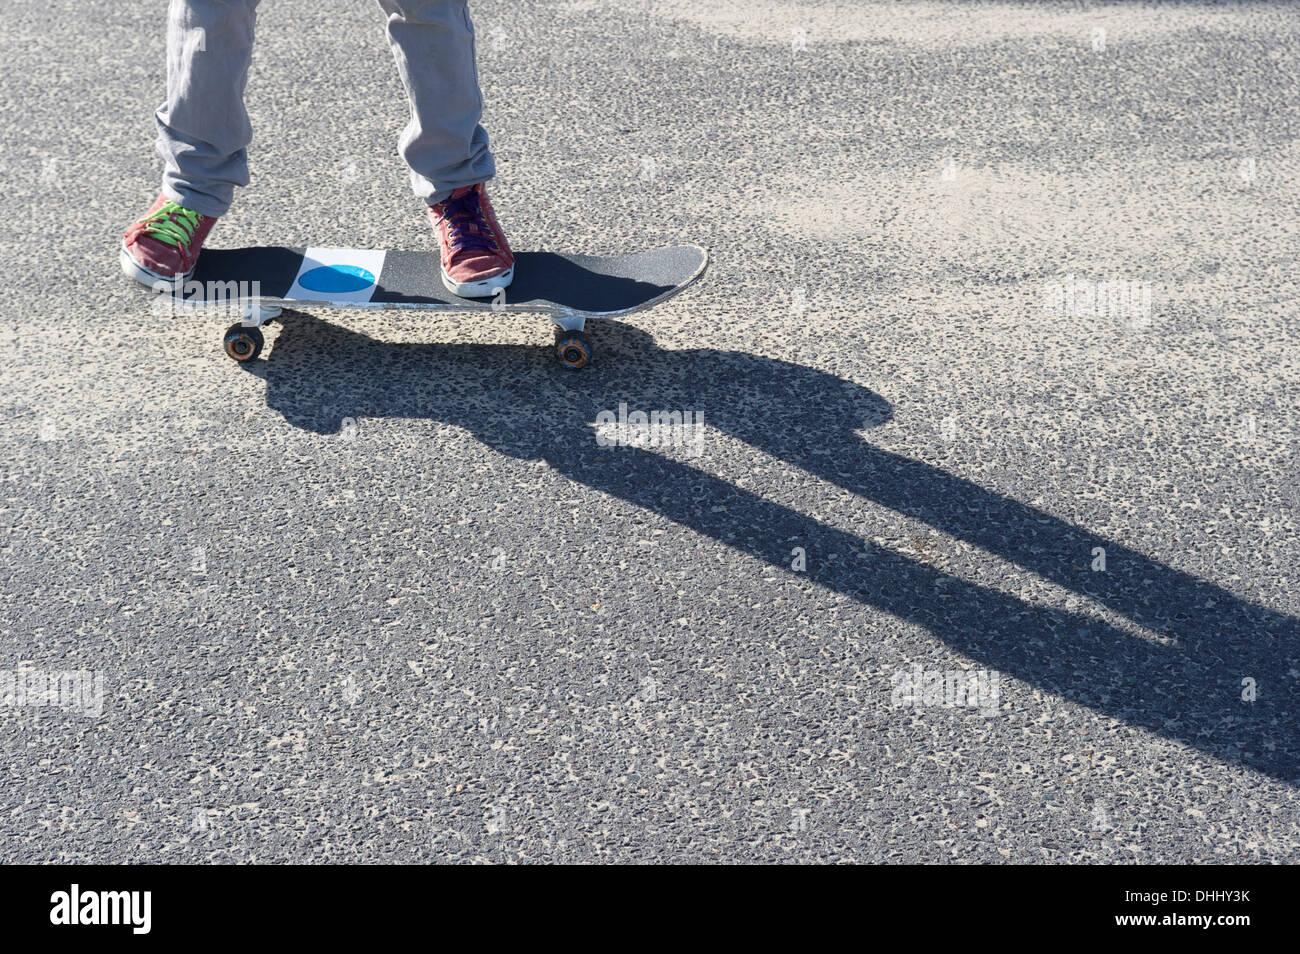 Dettaglio delle gambe skateboard di equitazione Immagini Stock